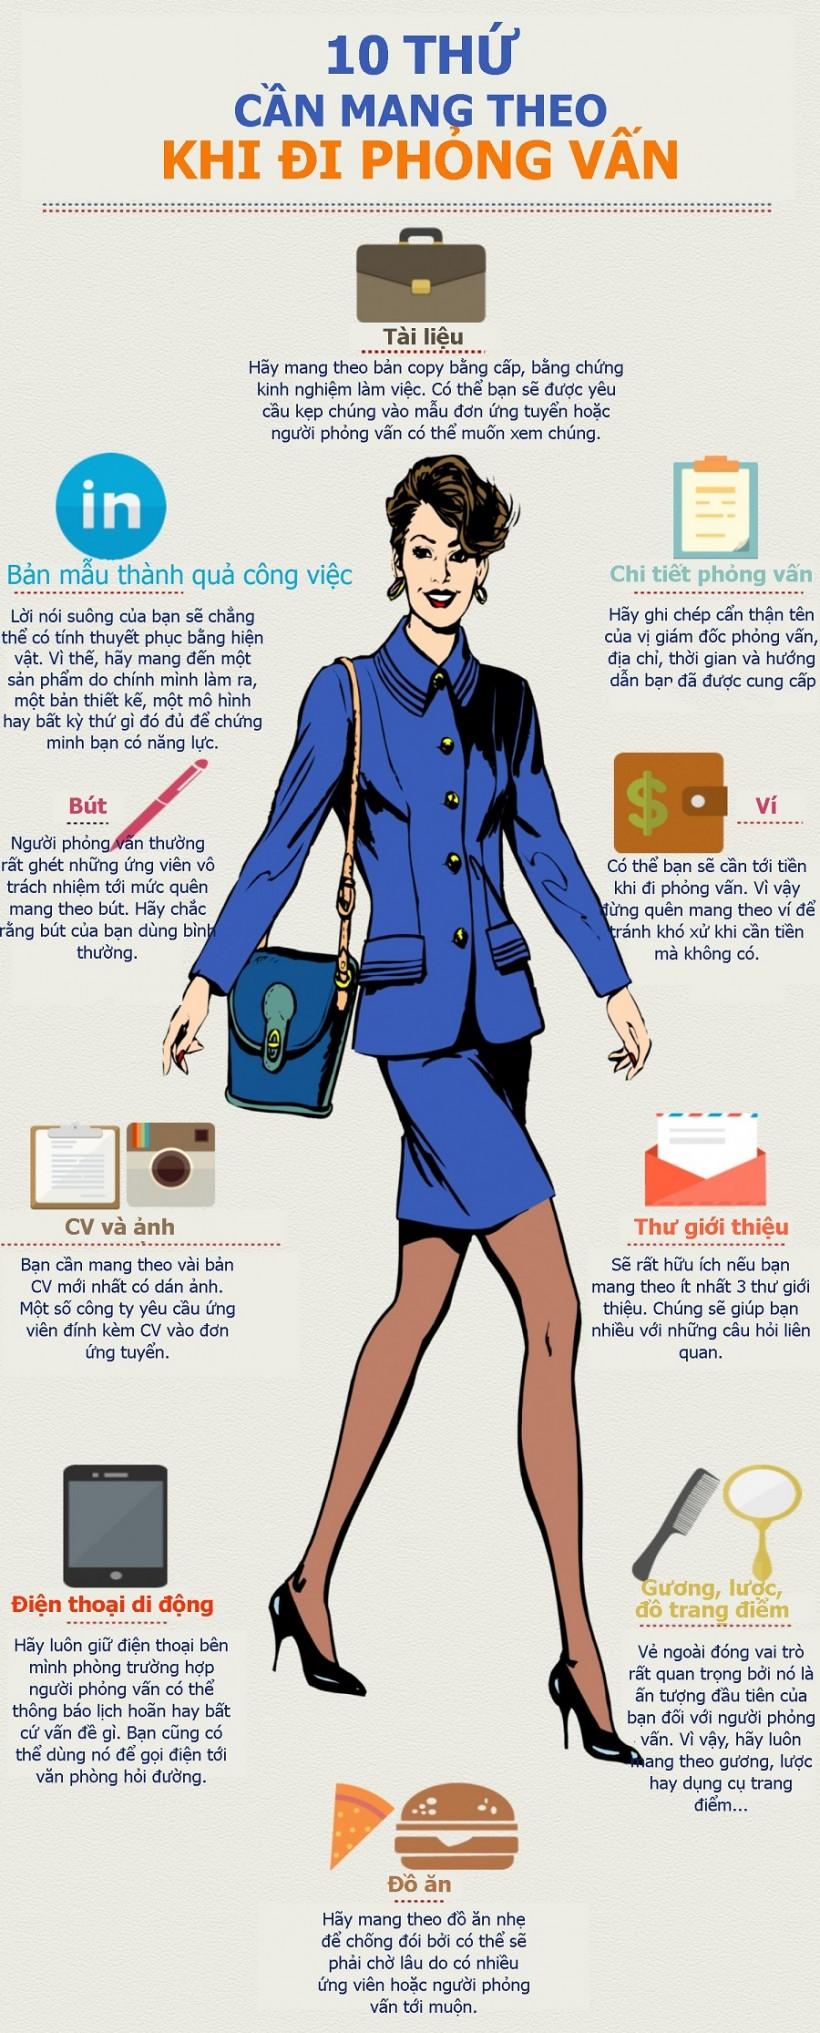 infographic-khi-i-phng-vn-cn-chun-b-g-1437036023g4kn8-820x2033